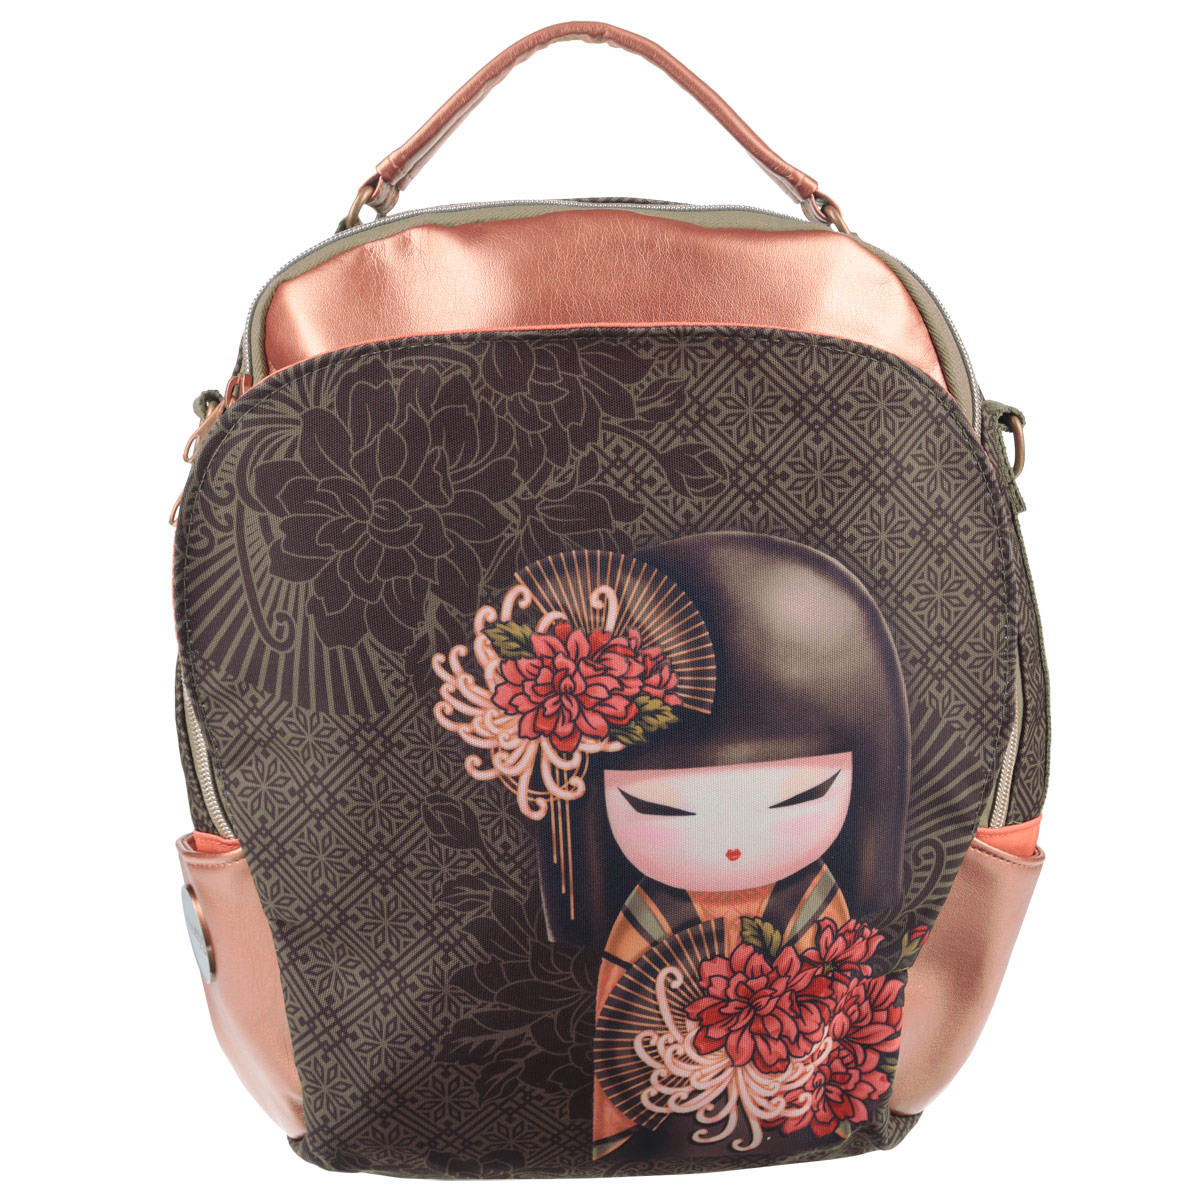 Сумка-рюкзак молодежная Kimmidoll, цвет: бронзовый, темно-серый6968201408Универсальная молодежная сумка-рюкзак Kimmidoll выполнена из высококачественных материалов и оформлена красочным изображением японской куколки с цветком.Модель содержит одно вместительное отделение на застежке-молнии. Внутри отделения находятся прорезной карман на молнии и два открытых кармашка. Фронтальный карман с клапаном на магнитах. Задняя стенка сумки-рюкзака оснащена прорезным карманом на молнии. По бокам изделия находятся открытые карманы. Сумка оснащена удобной ручкой для переноски в руке, а также плечевым ремнем, с помощью которого сумку-рюкзак можно носить на плече и как рюкзак.Такую сумку-рюкзак можно использовать для повседневных прогулок, отдыха и спорта, а также как элемент вашего имиджа.Рекомендуемый возраст: от 12 лет.